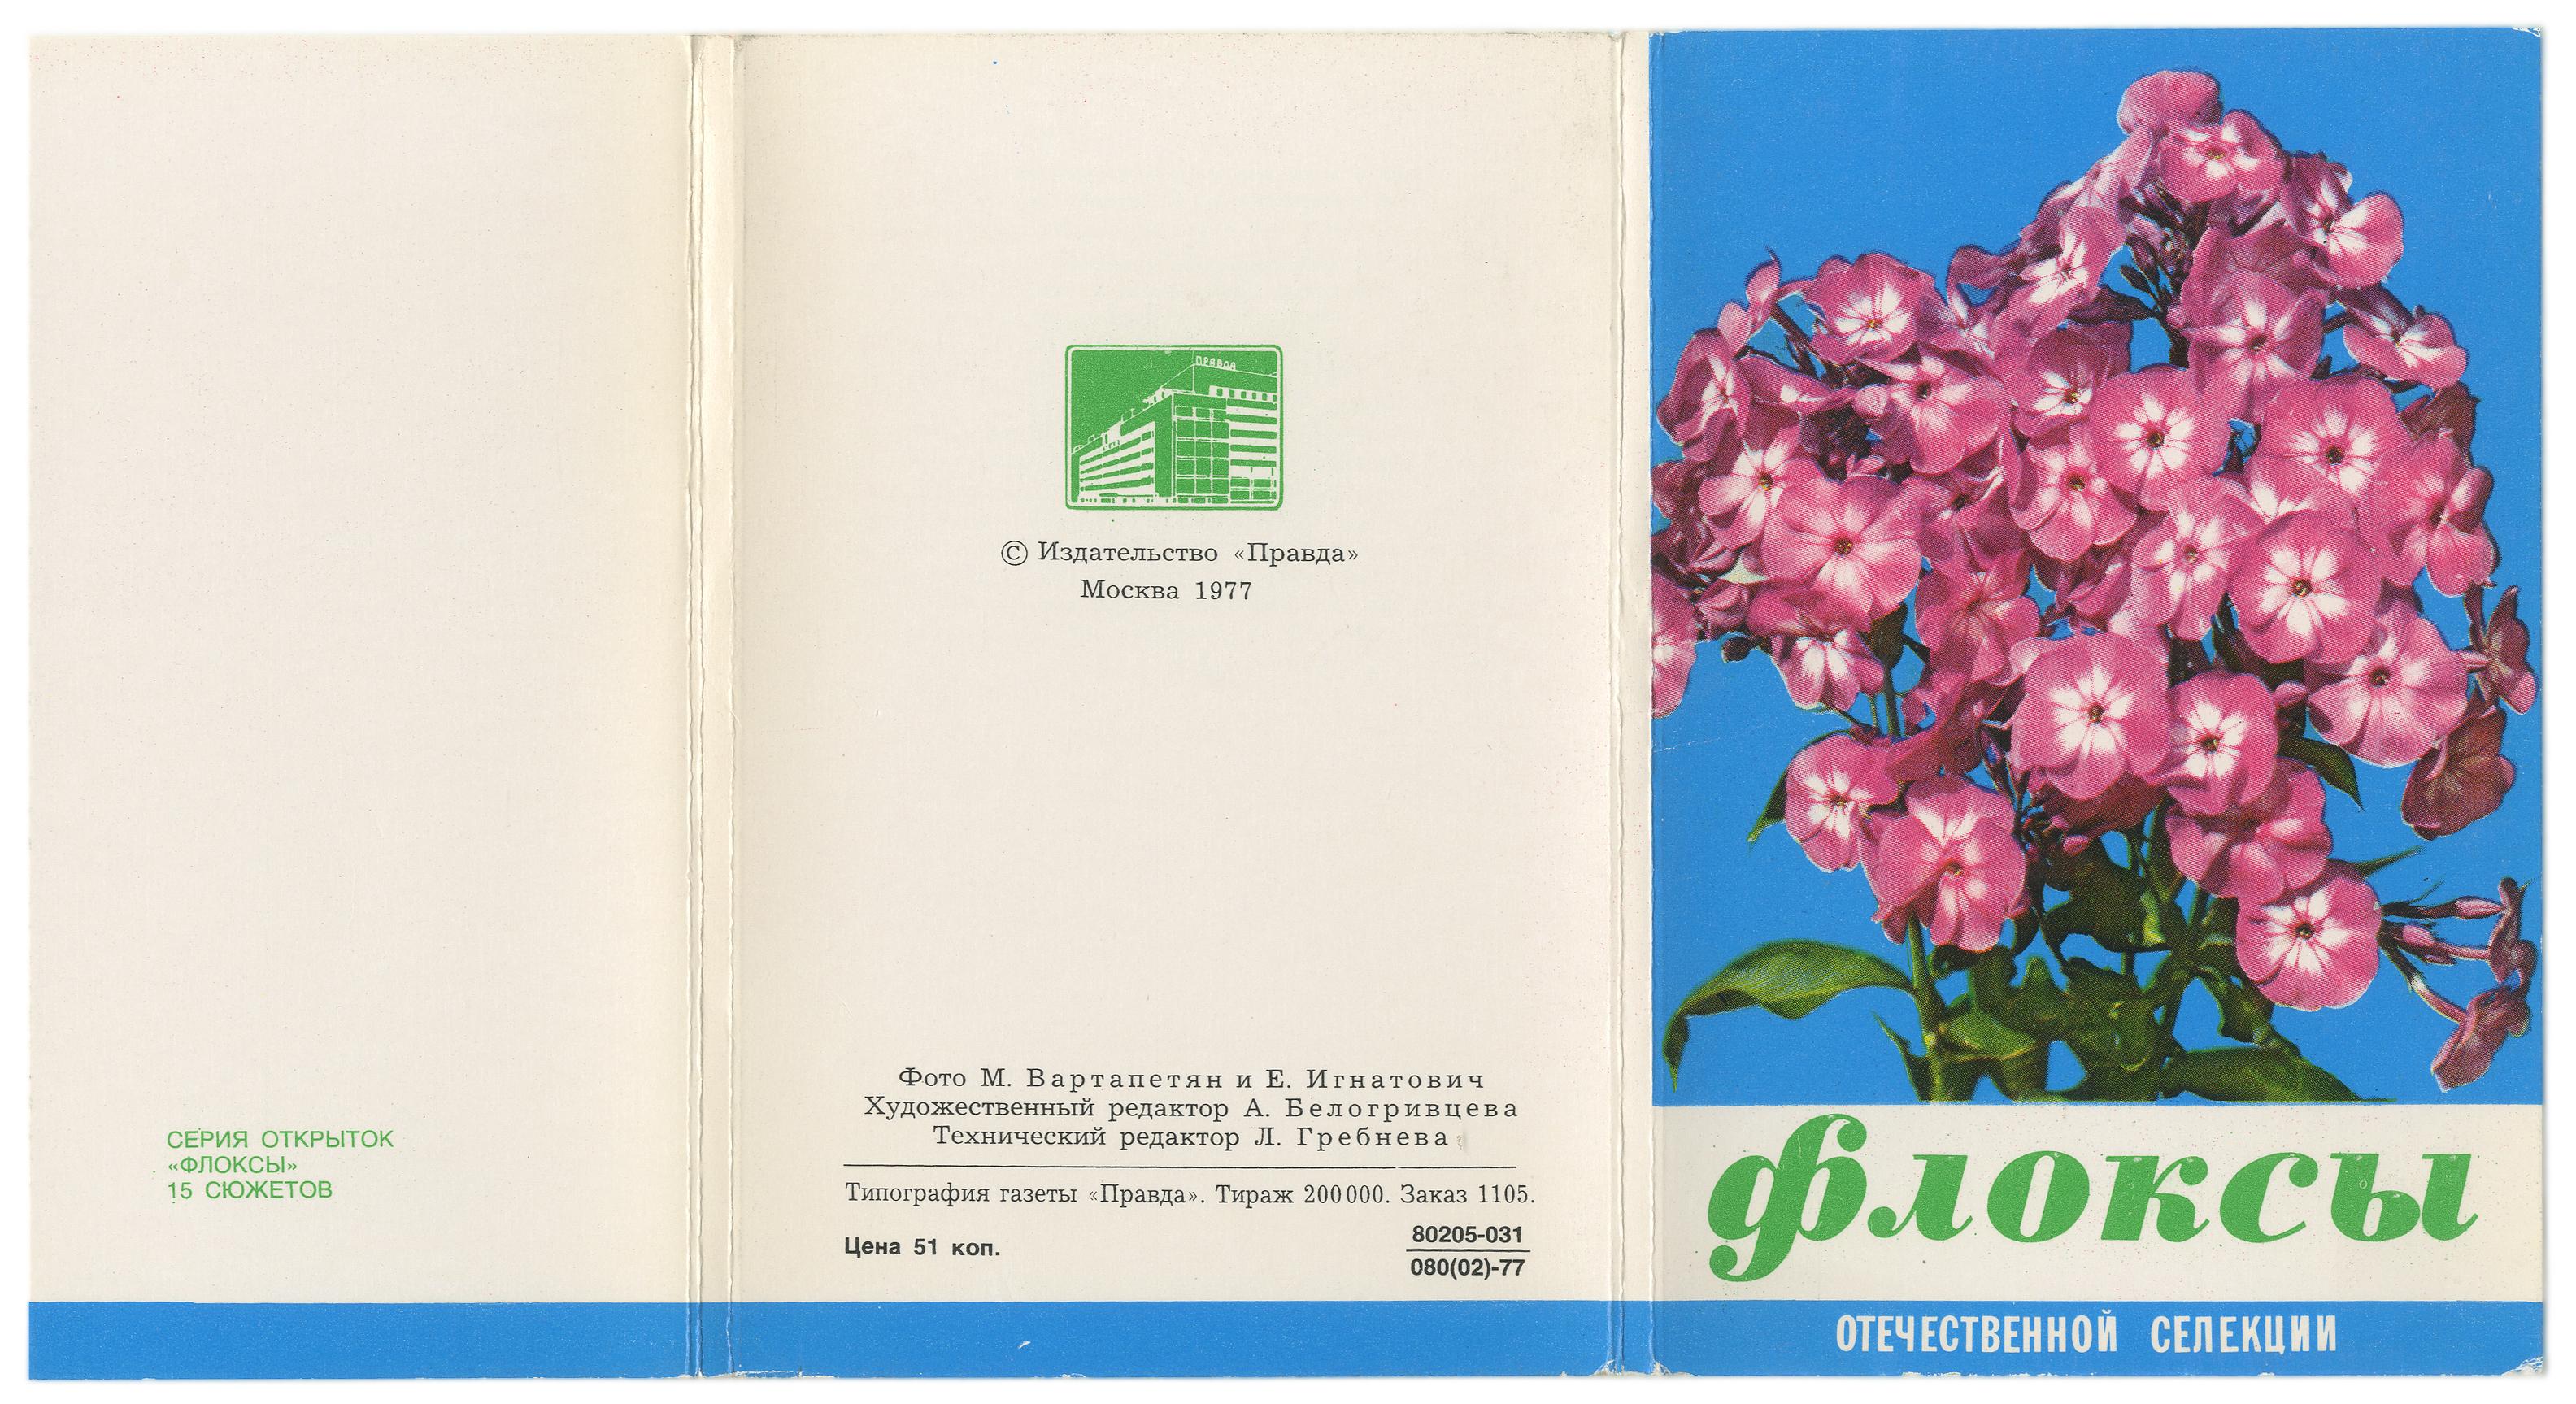 Издательство правда открытки